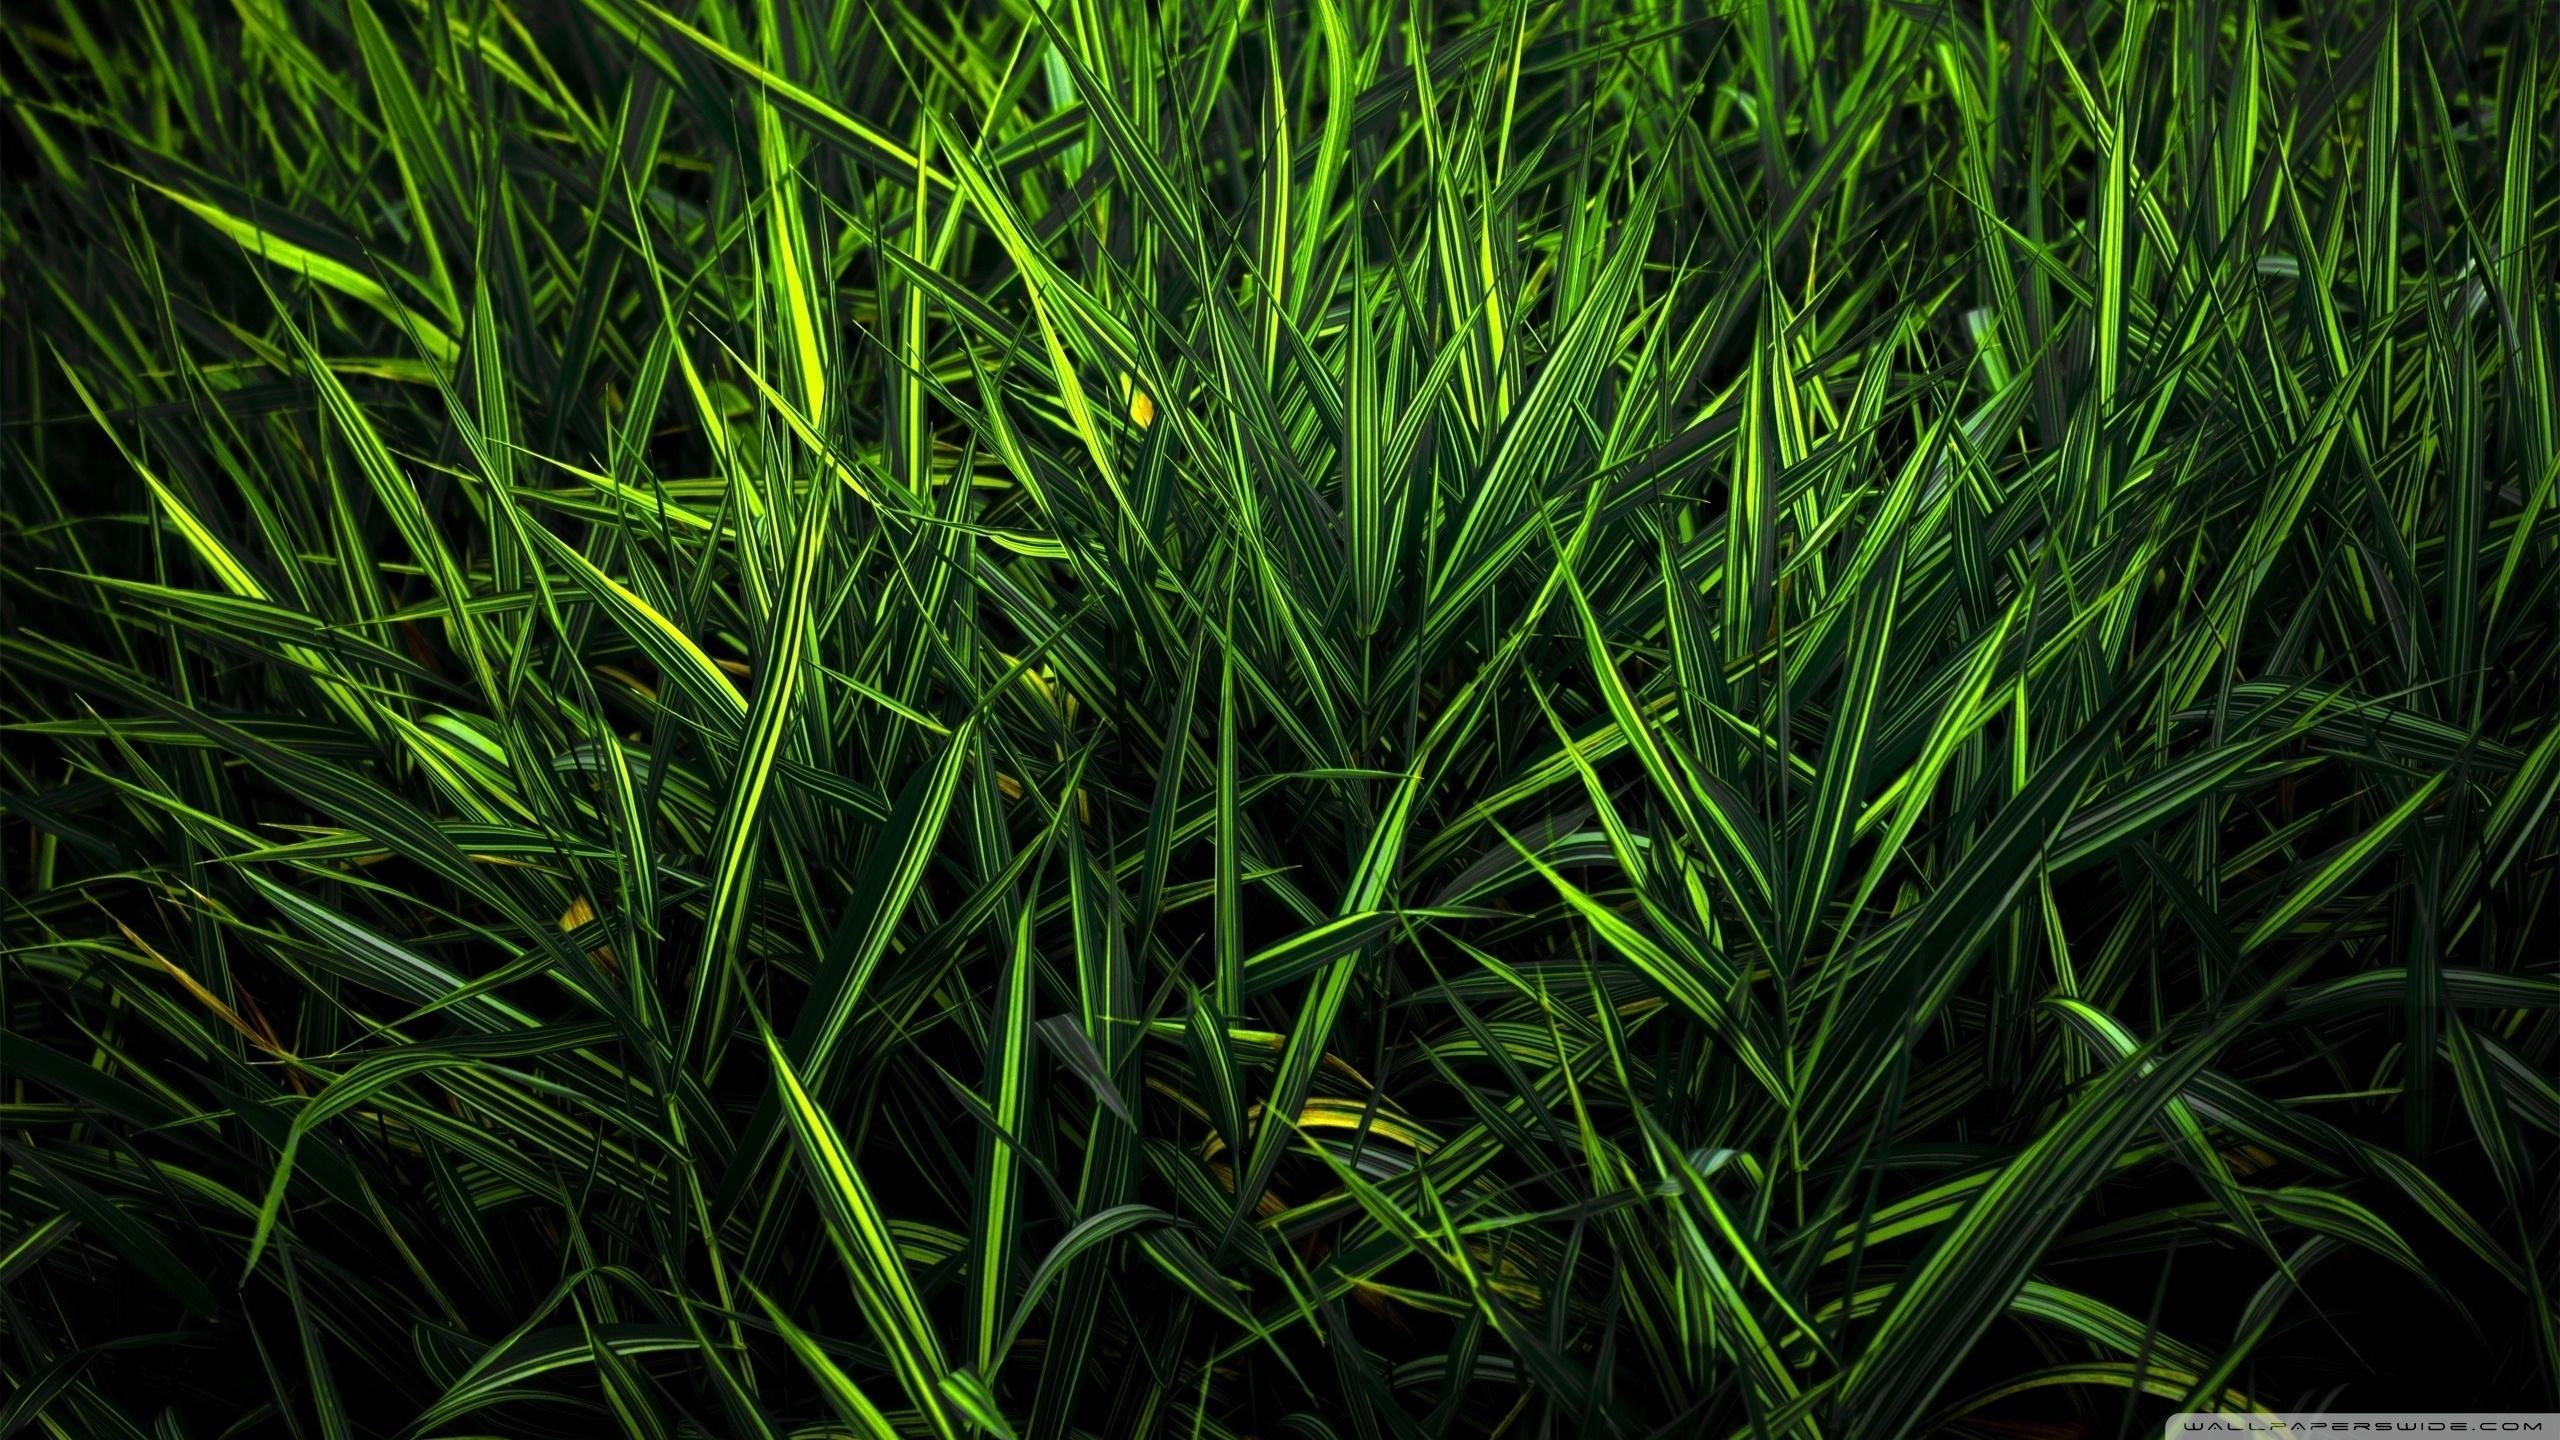 21439 скачать обои Растения, Трава - заставки и картинки бесплатно